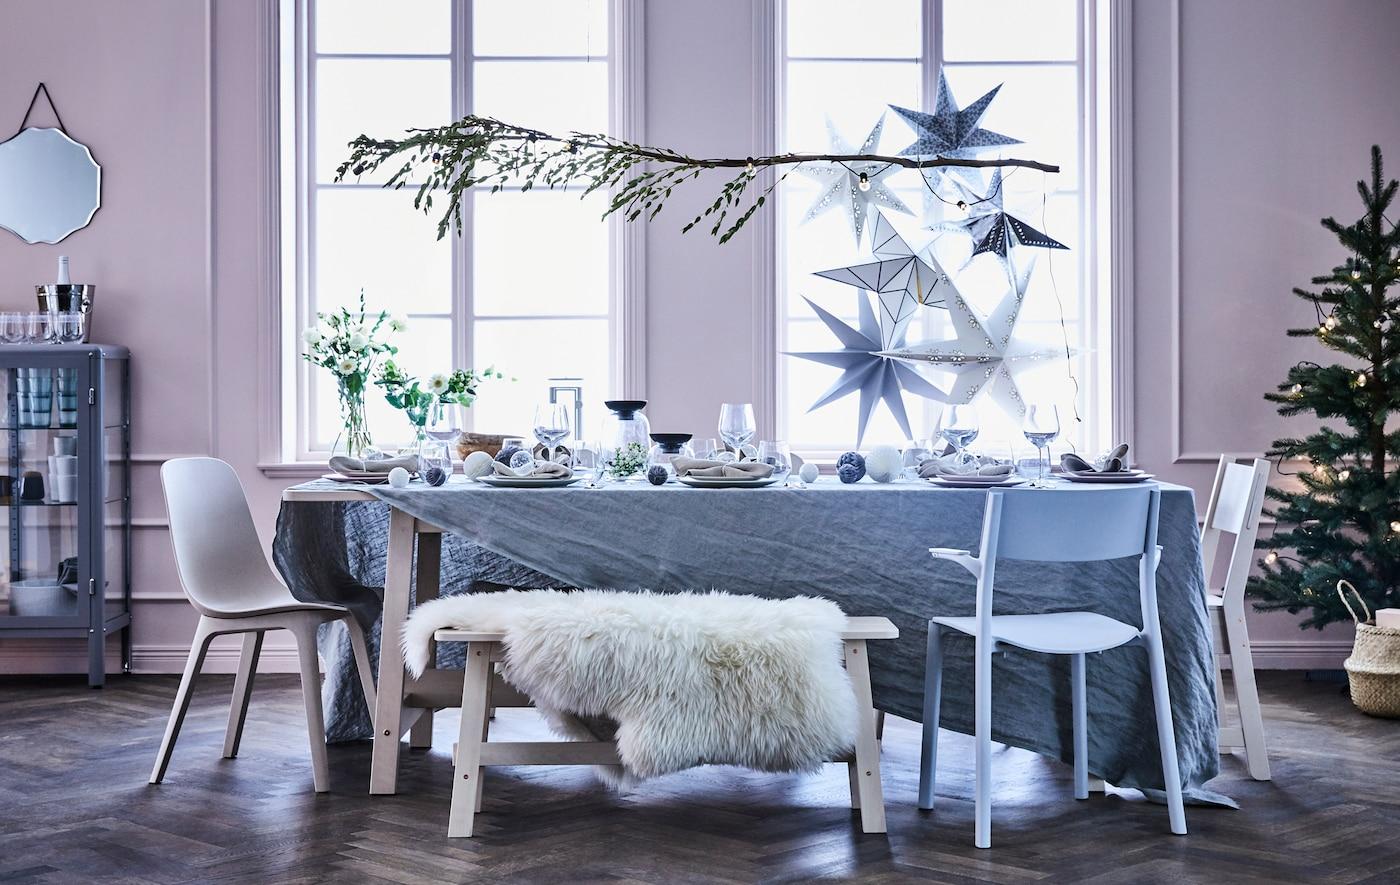 Planifică o vacanţă chiar la tine în sufragerie! La magazinul IKEA găseşti toate lucrurile de care ai nevoie. Alege banca NORRÅKER potrivită în orice interior.